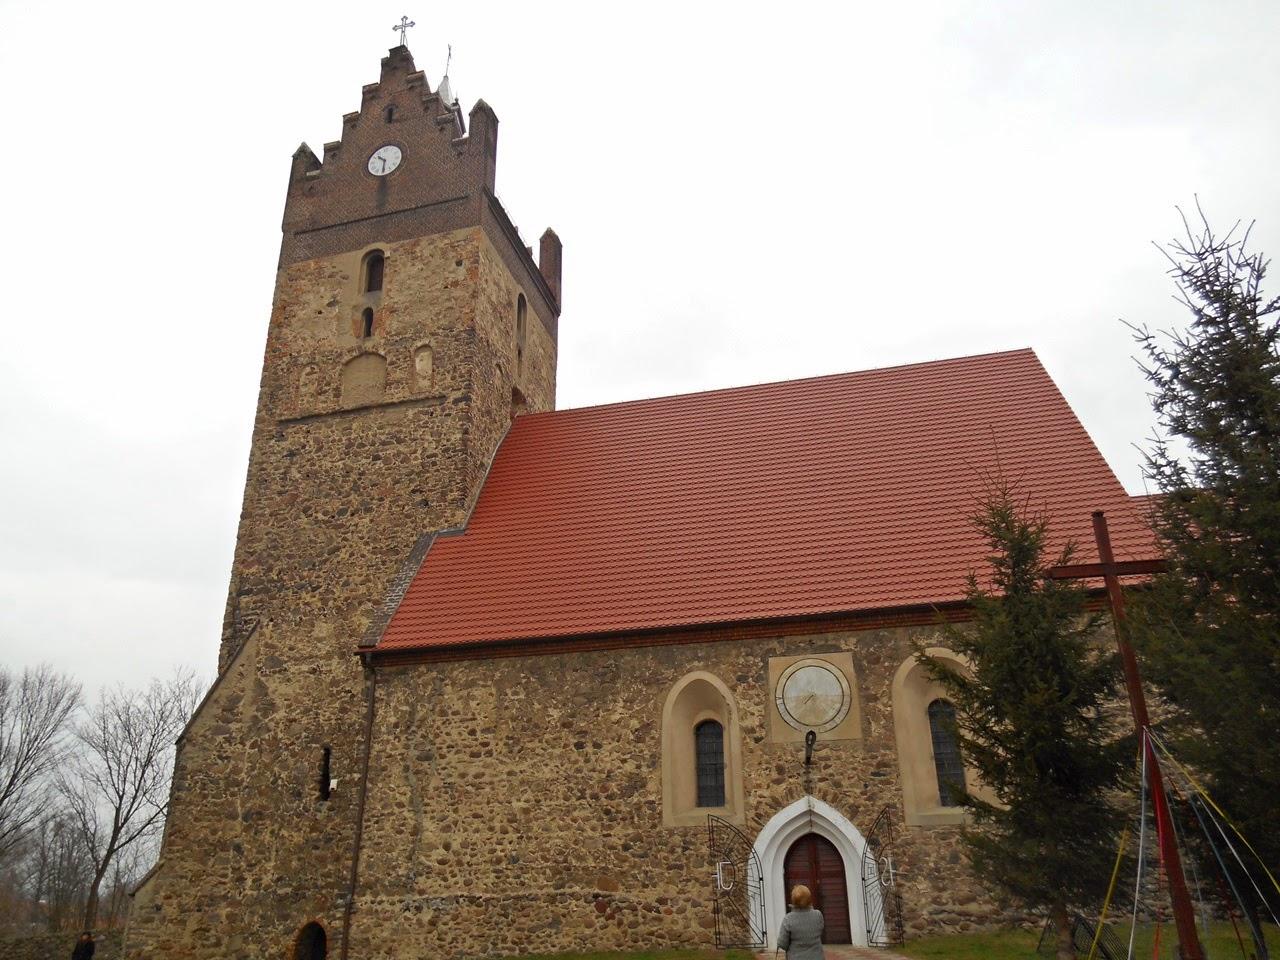 świątynia kamienna, XIII wiek, gotyk, zabytek